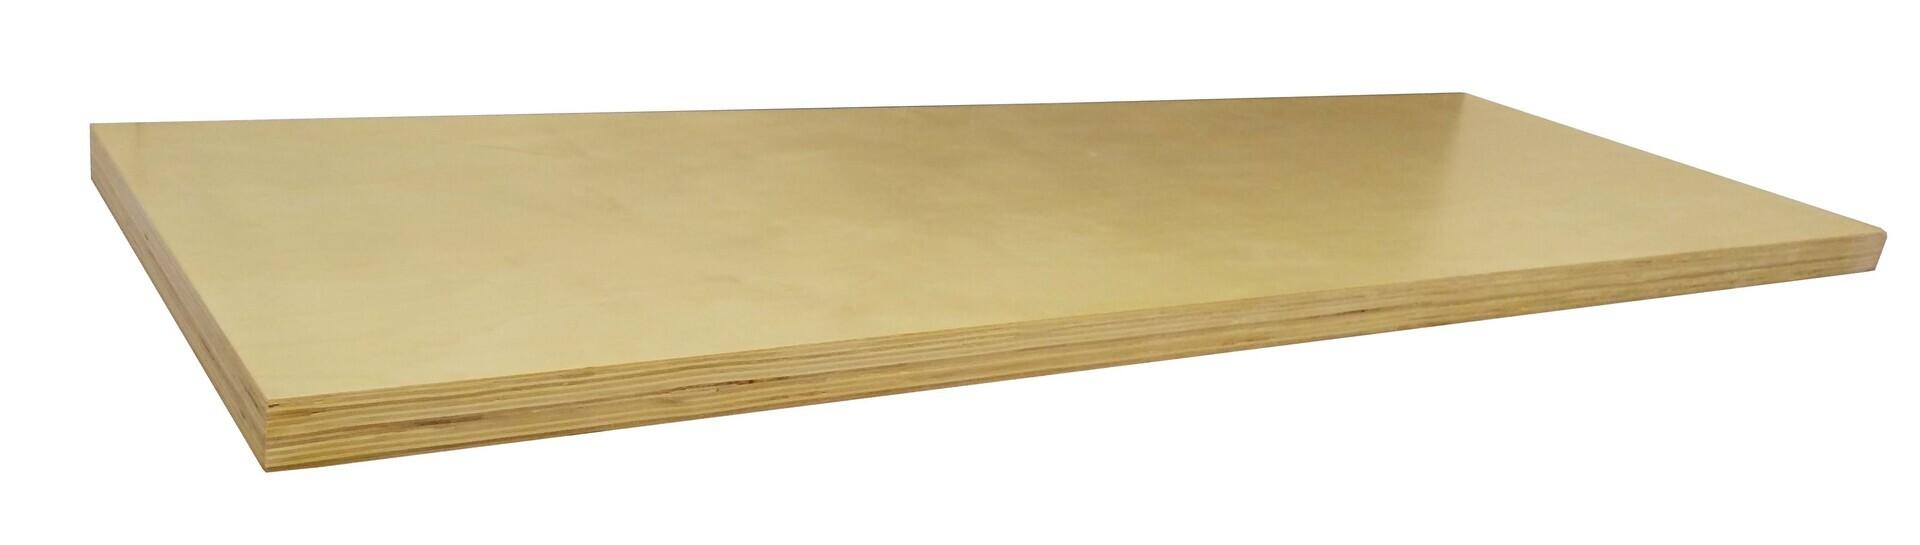 Dřevěná pracovní deska Procarosa PROFI TGW-53 na dvě skříňky